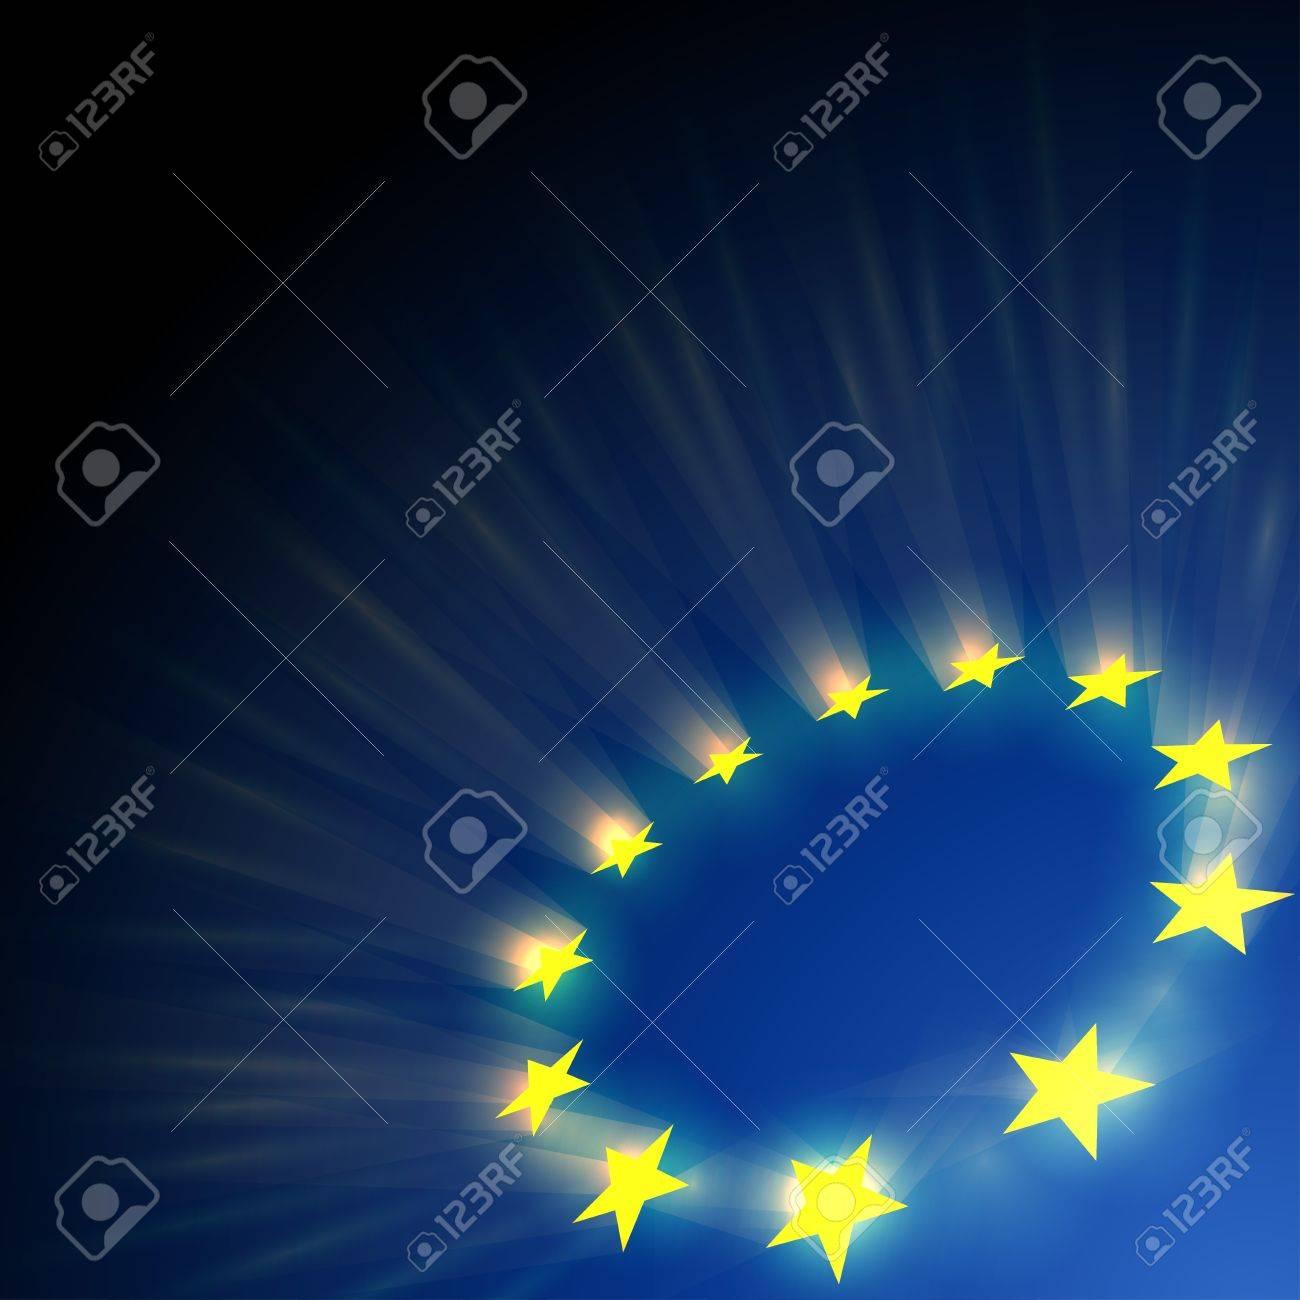 European Union stars glare on dark blue background. - 15900921